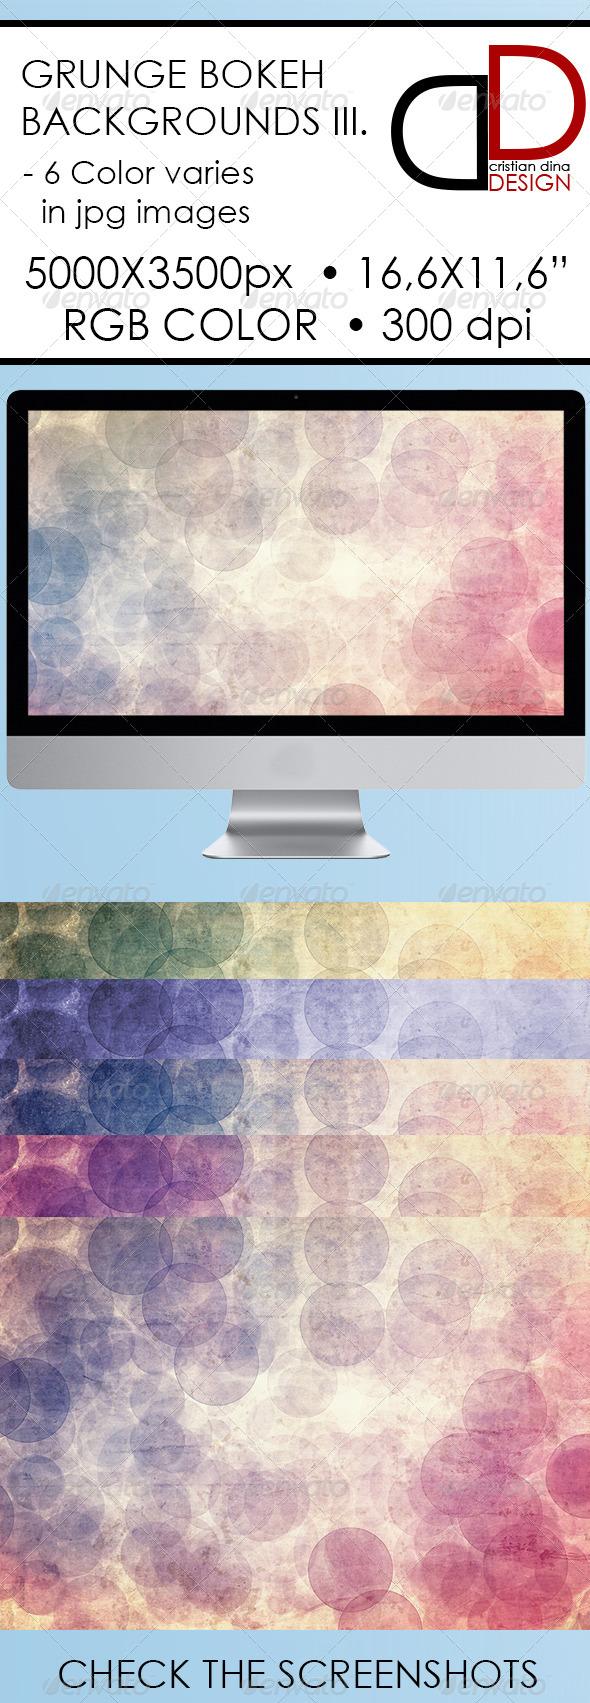 Abstract Grunge Bokeh Backgrounds III - Backgrounds Graphics